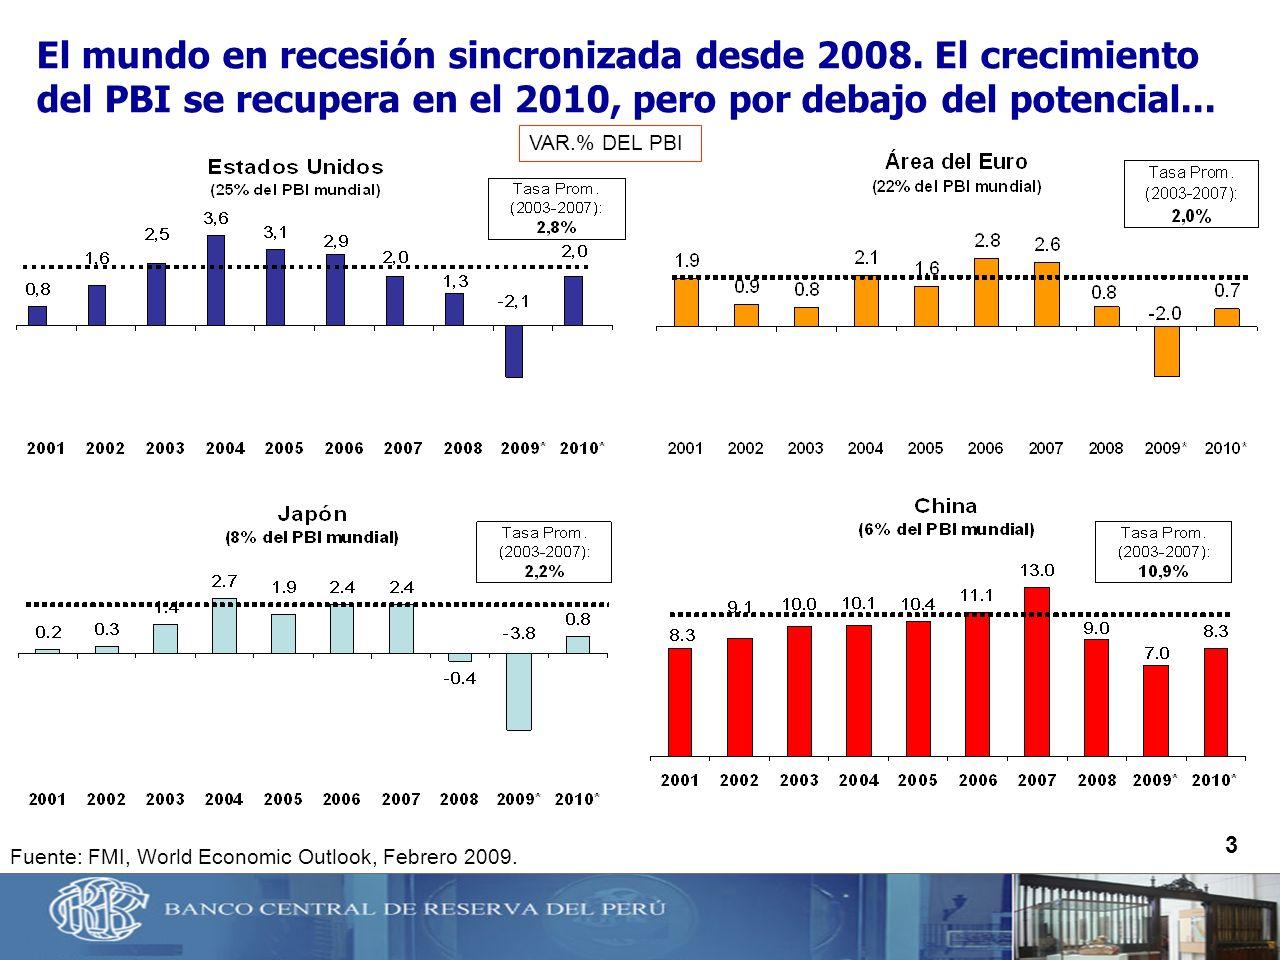 14 El crecimiento se sustenta más en la demanda interna, incluyendo el impulso del gasto de inversión pública.